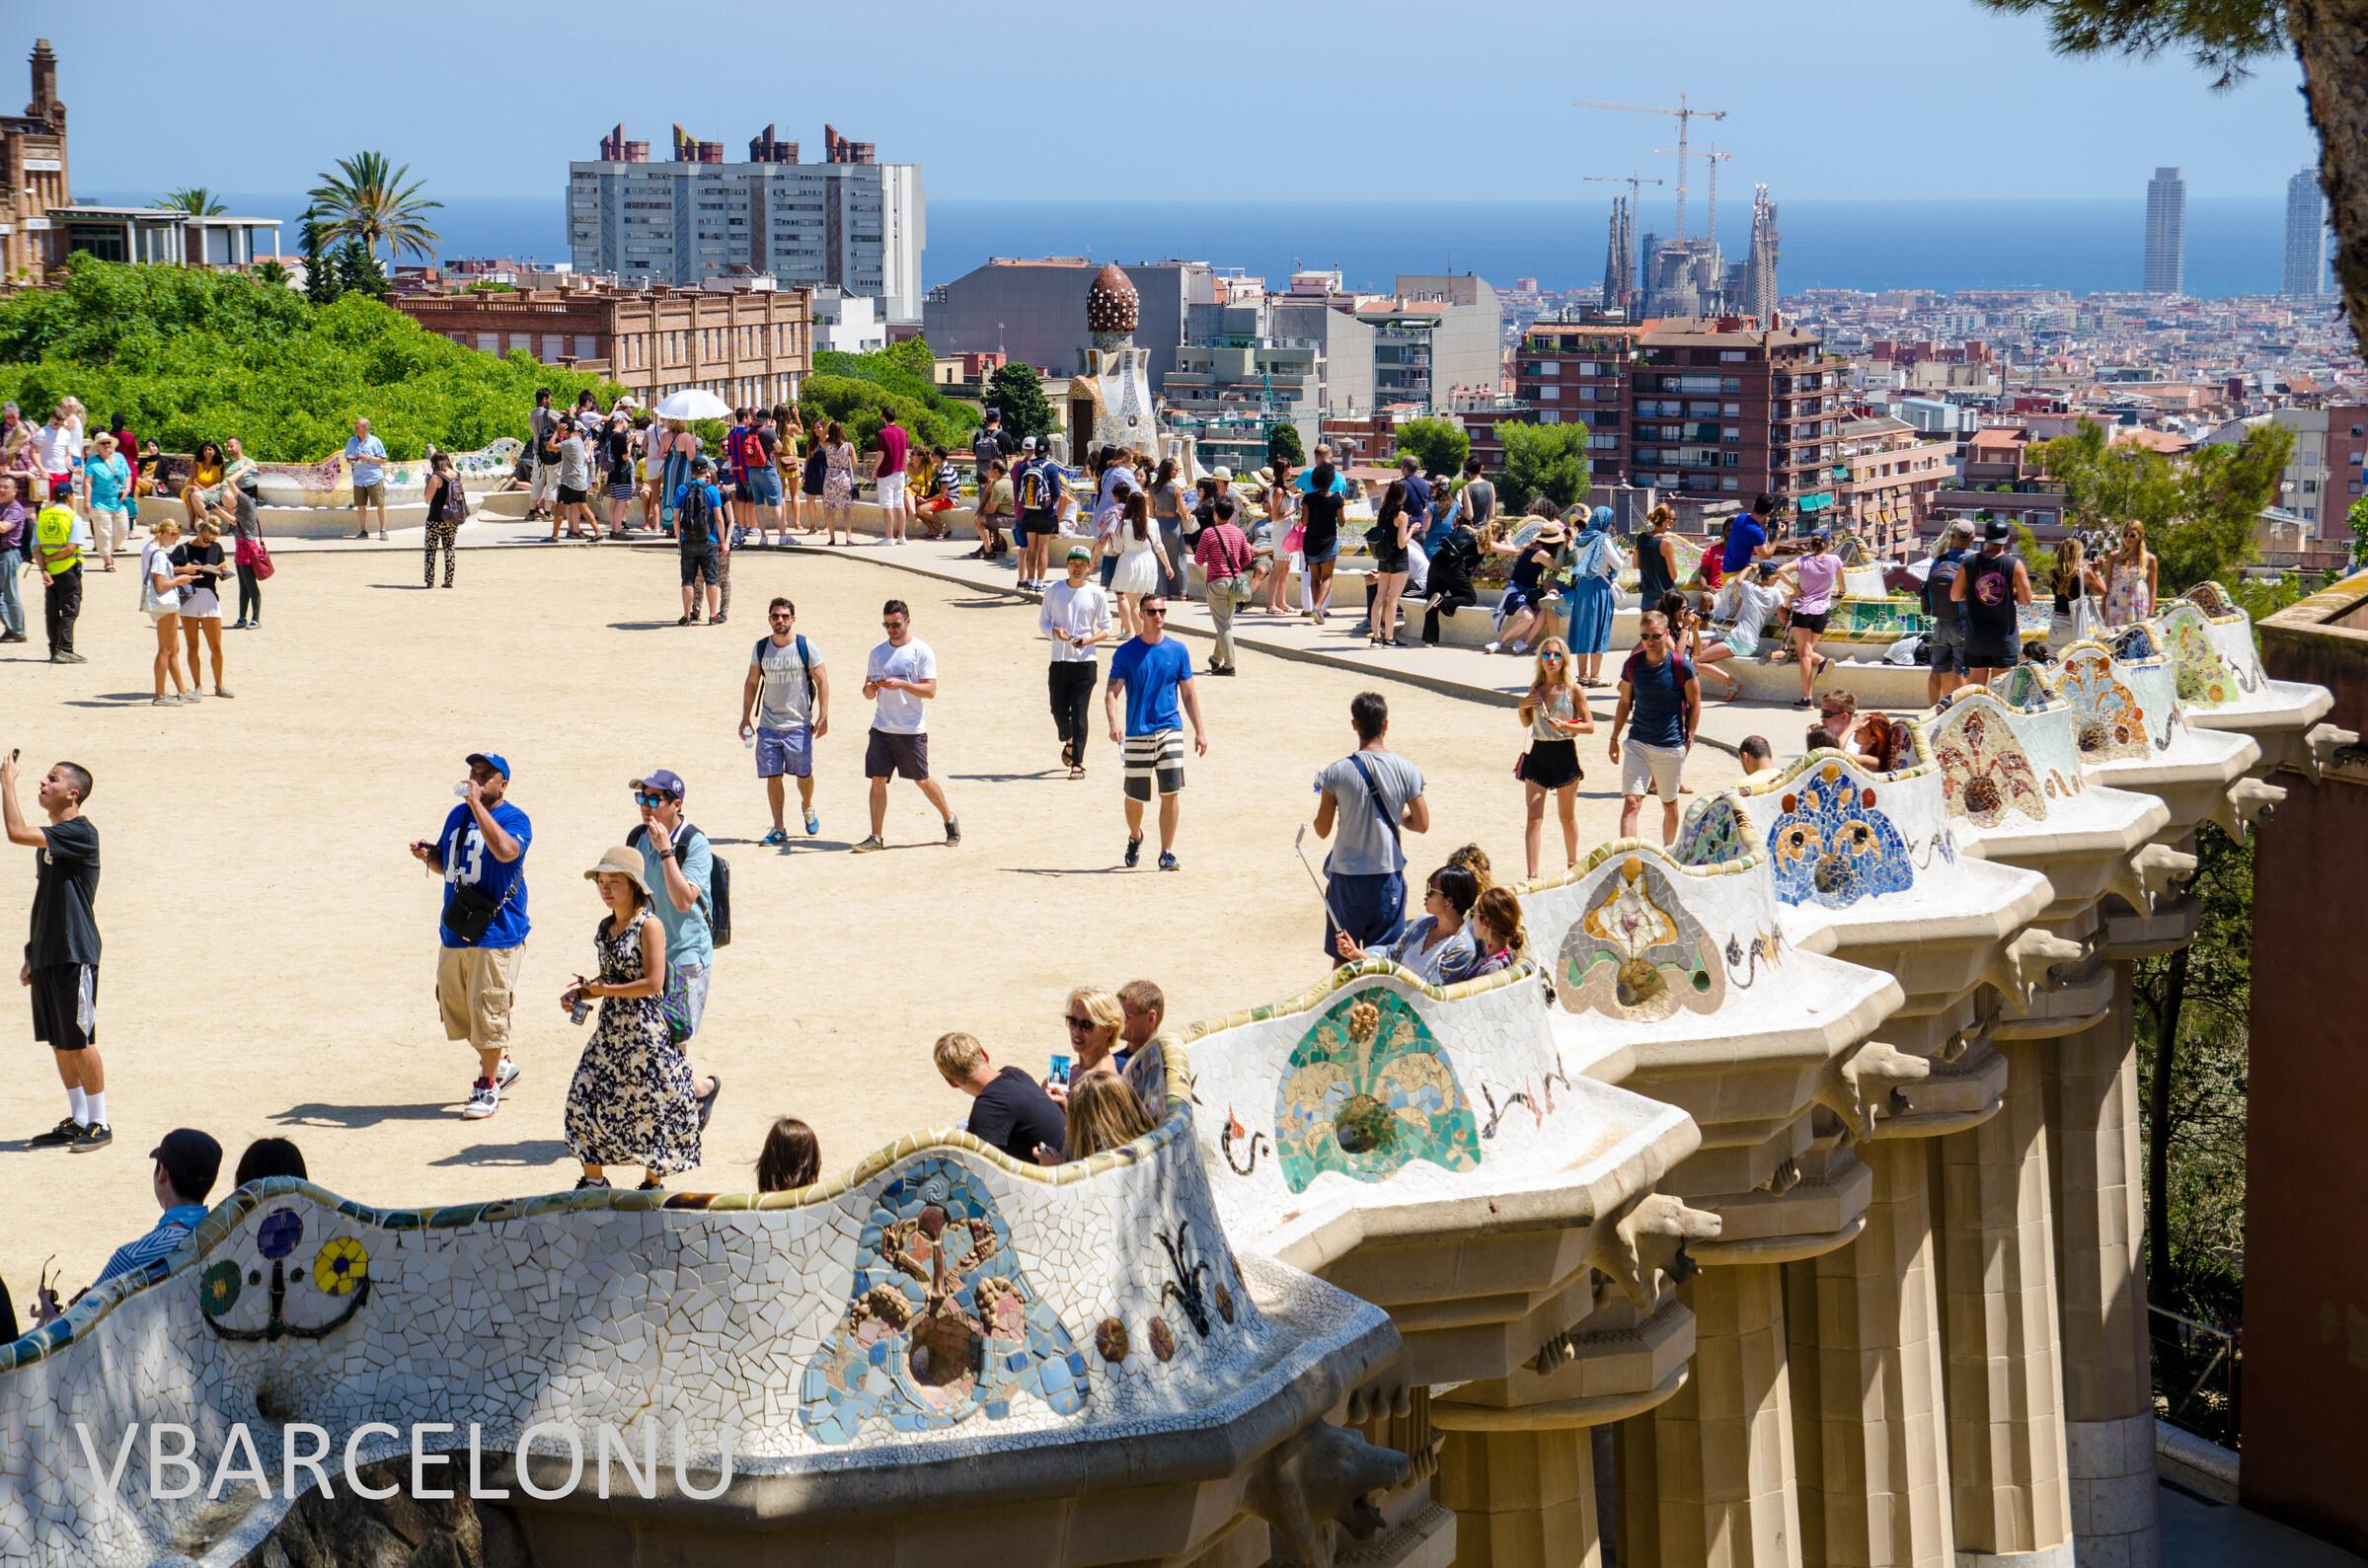 Скамья и вид на город и море, Барселона. Парк Гуэль